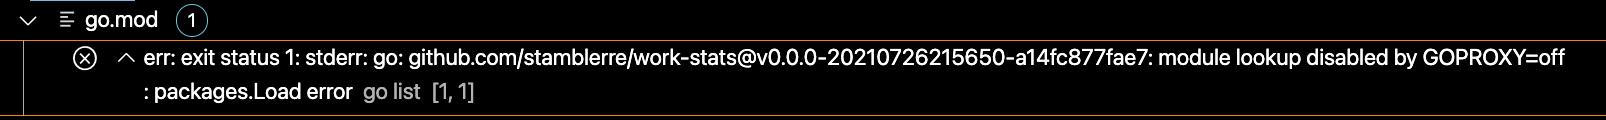 Screen Shot 2021-08-04 at 6 54 21 PM